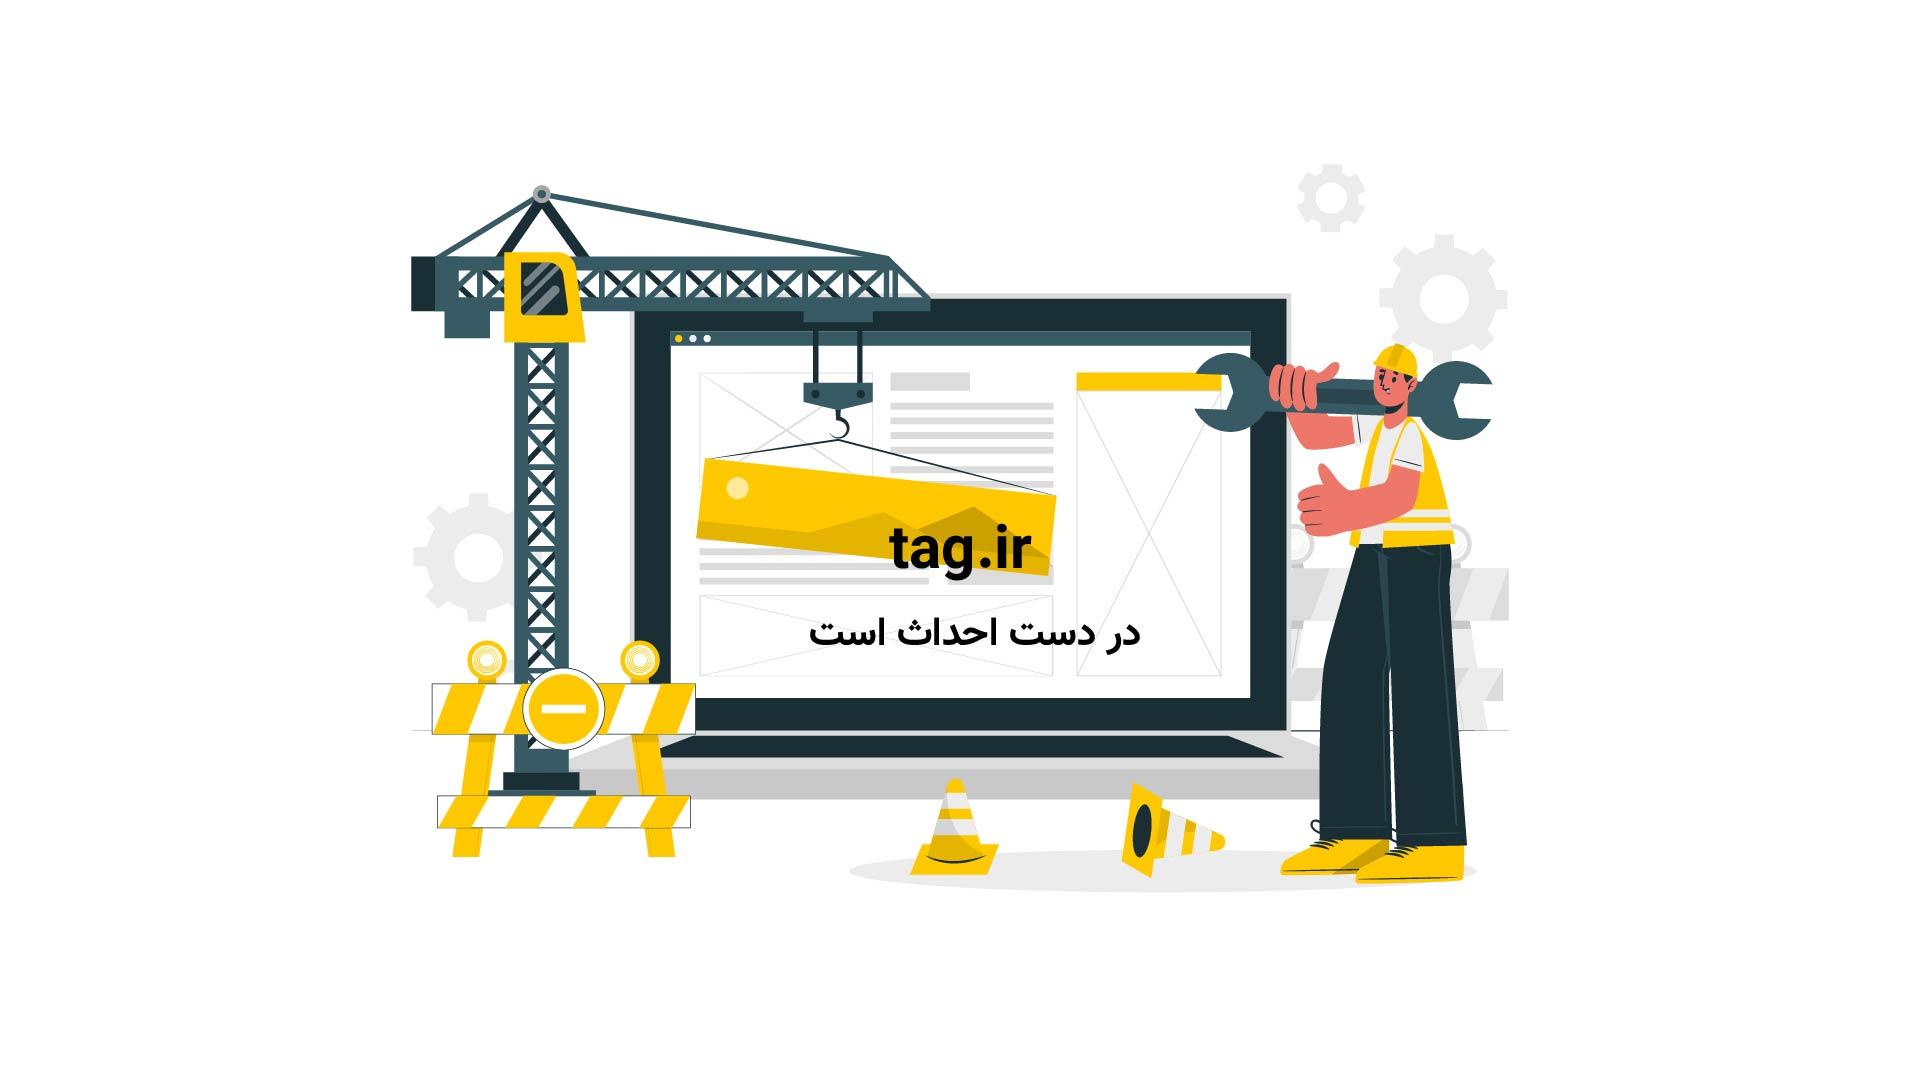 آتش سوزی در خط لوله نفت | تگ